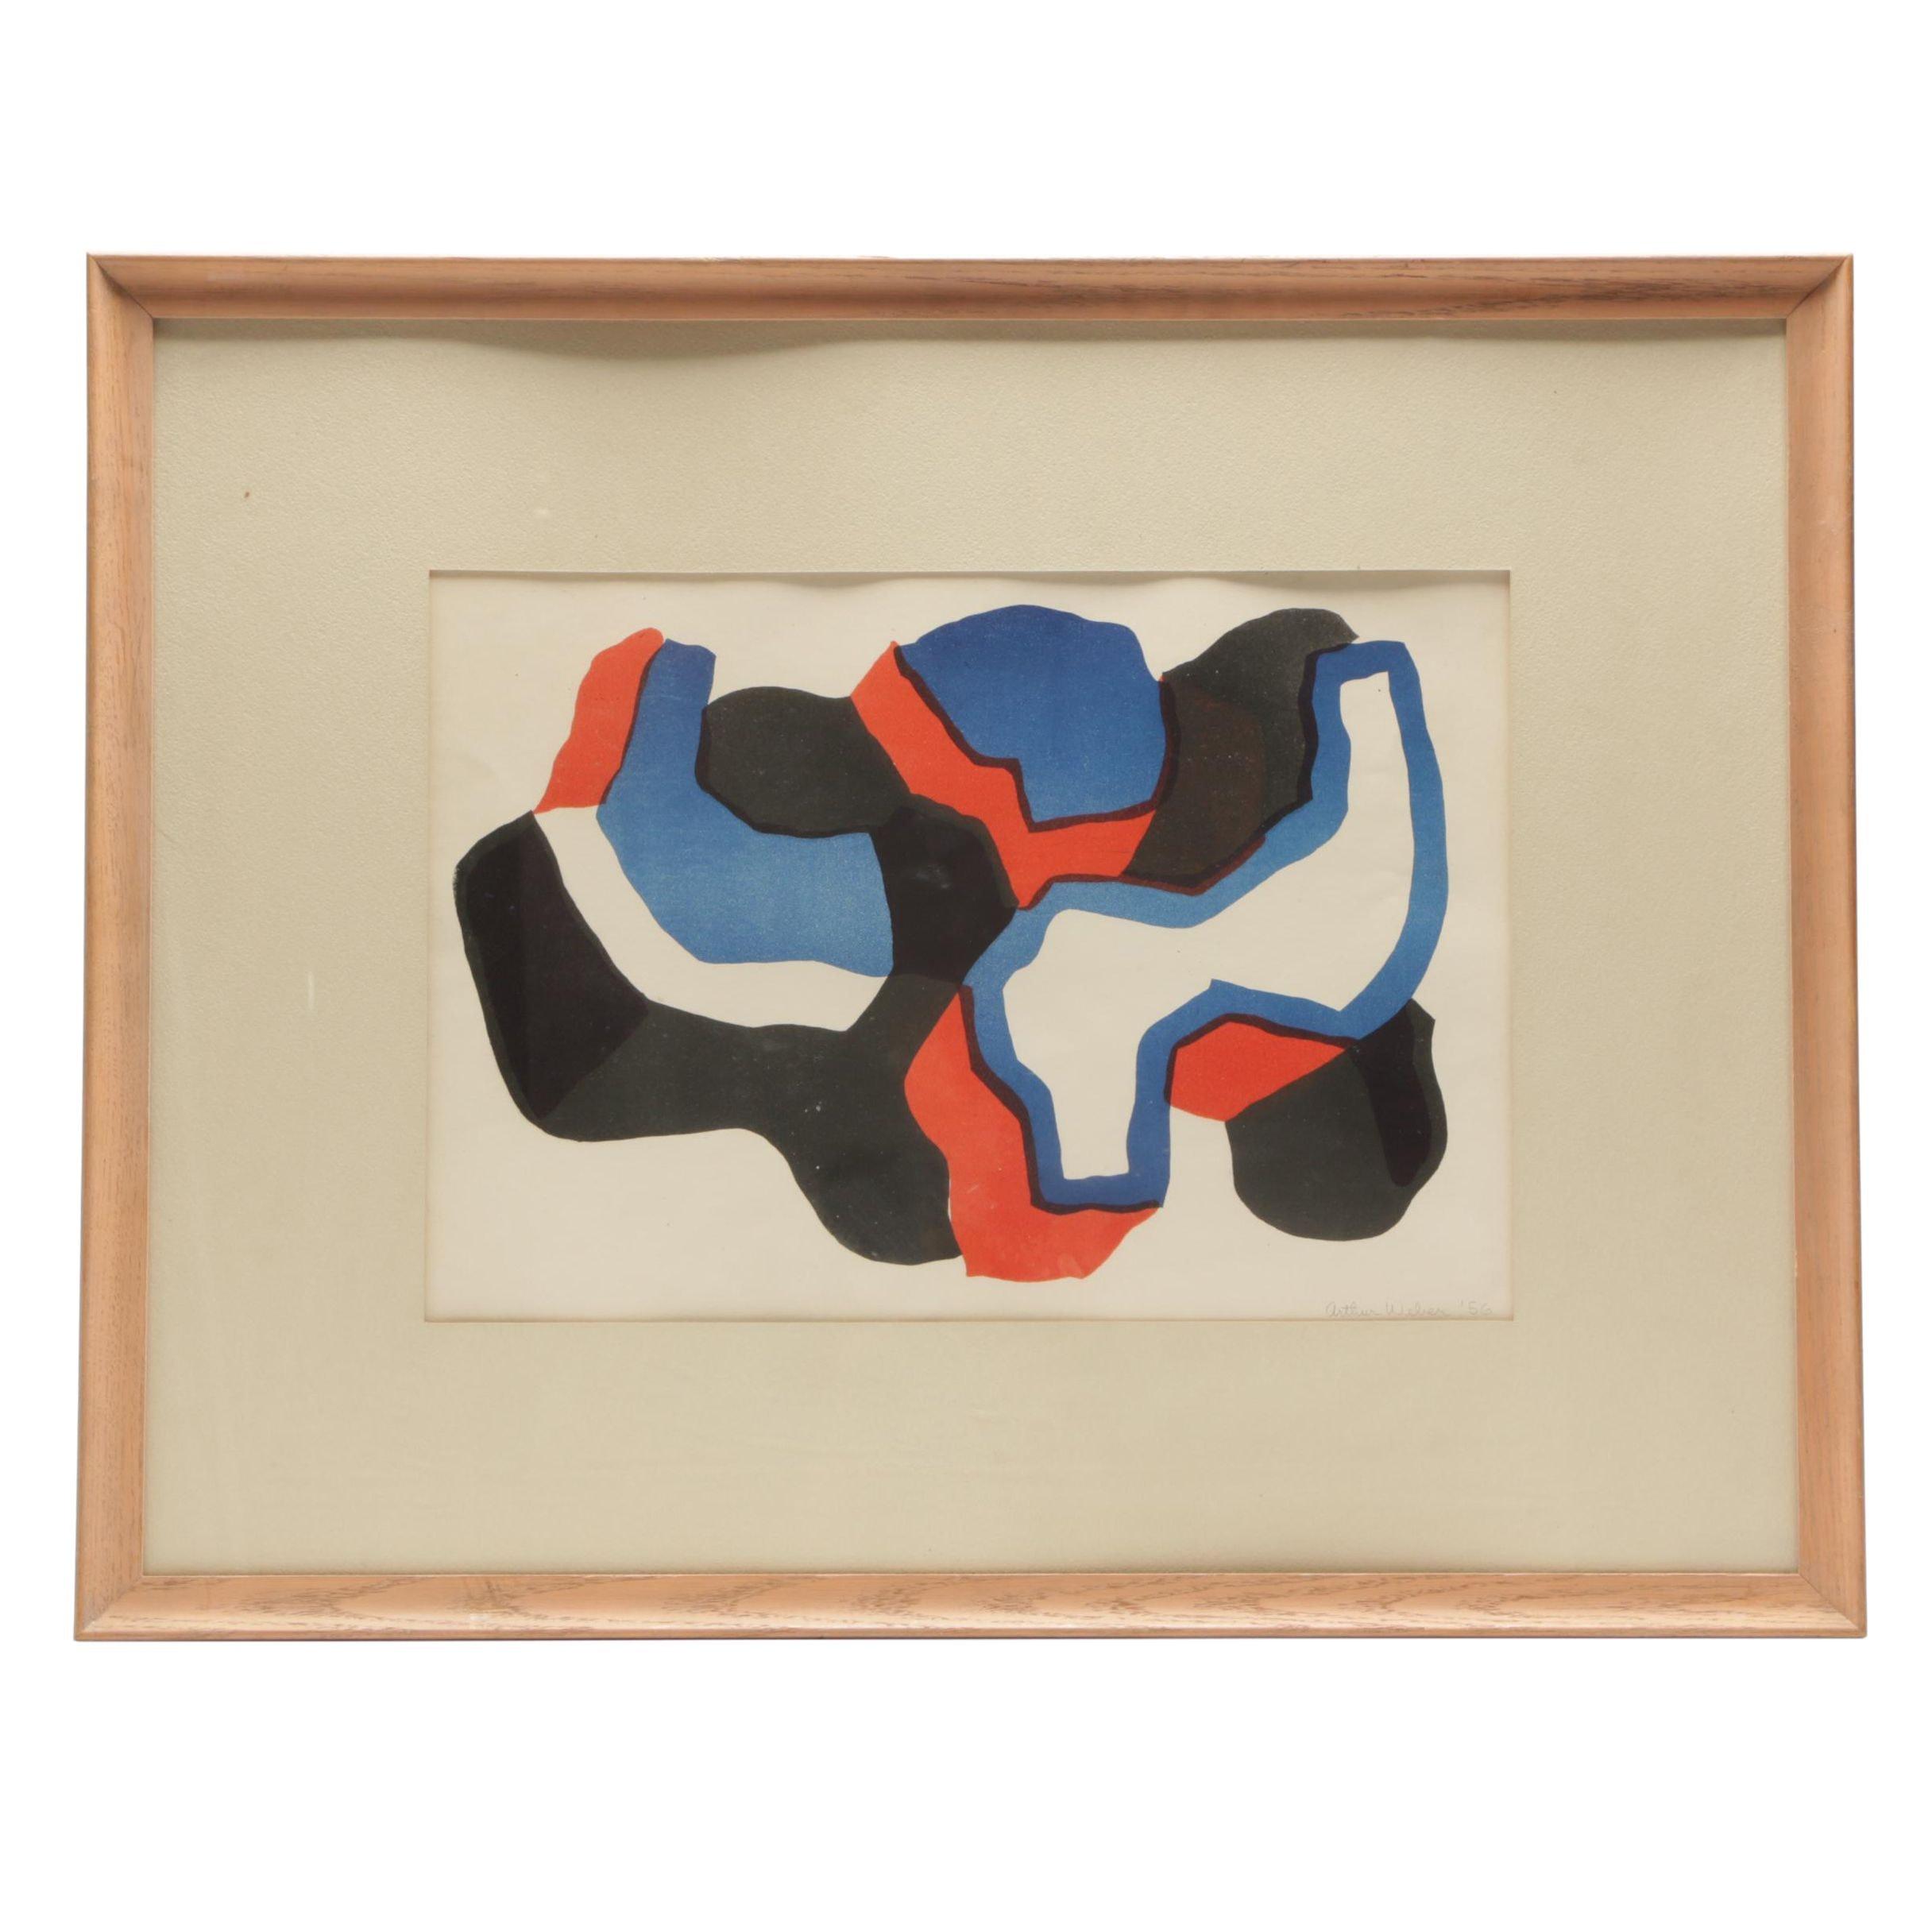 Arthur Weber 1956 Abstract Modernist Lithograph